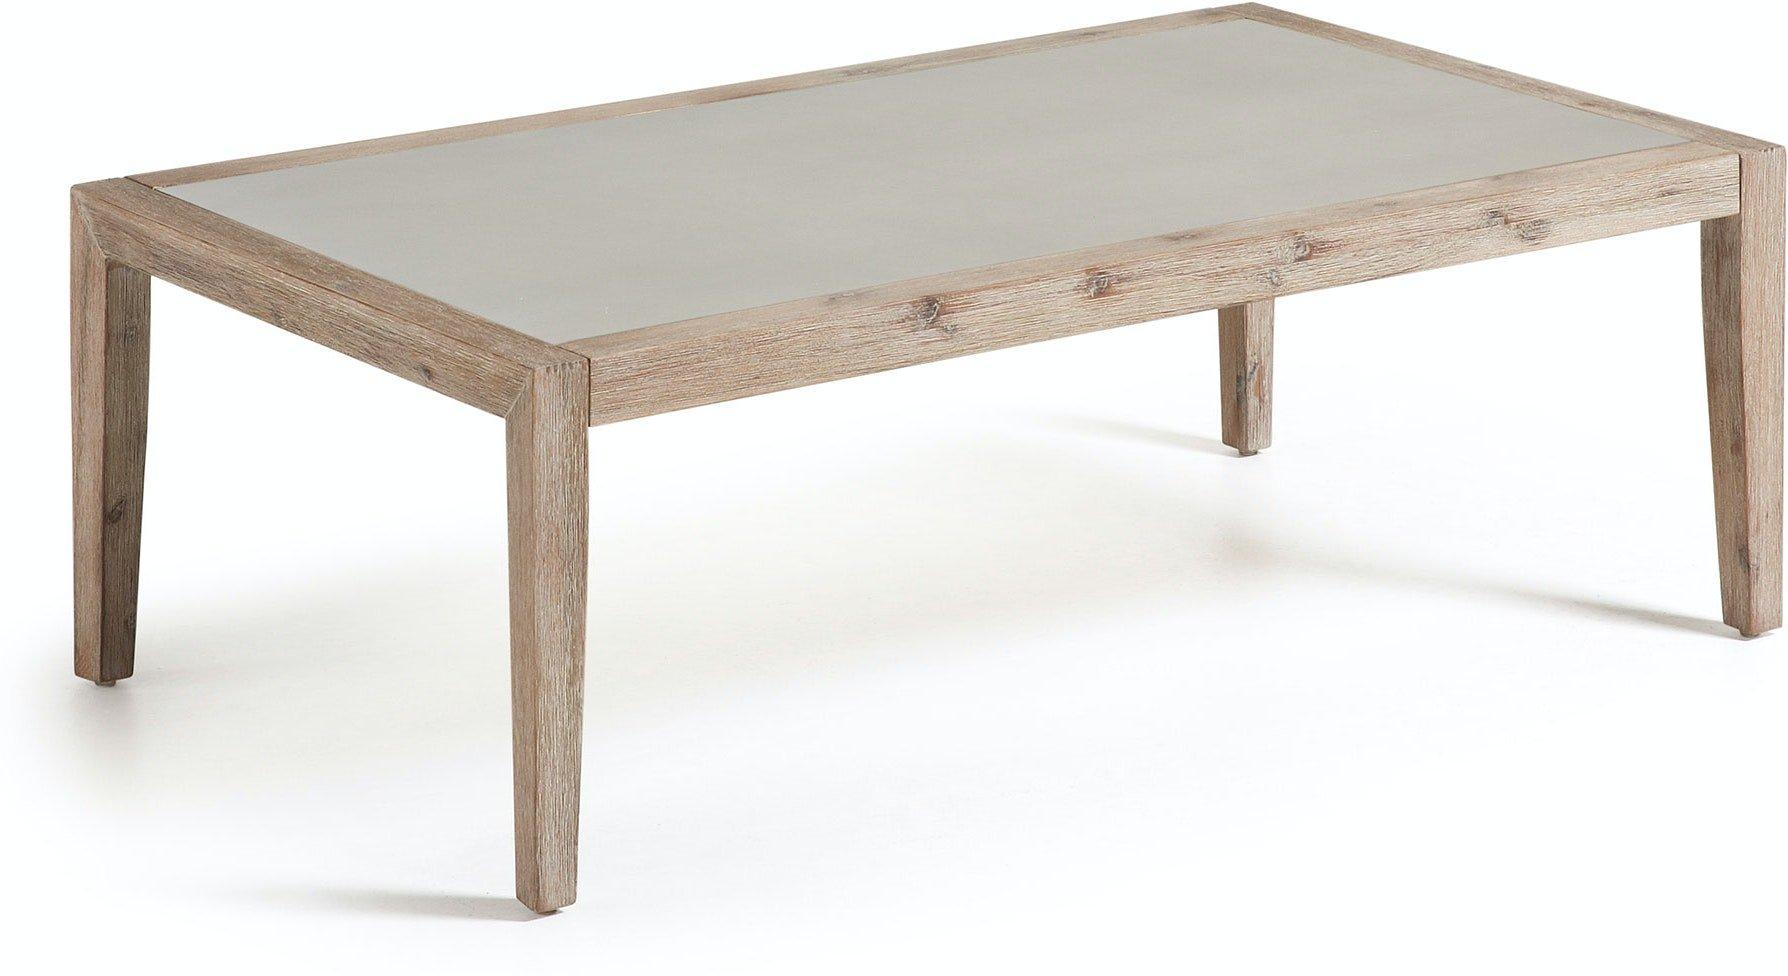 Køb Vetter, Udendørs sofabord by LaForma (H: 40 cm. B: 120 cm. L: 70 cm., Grå/Natur)